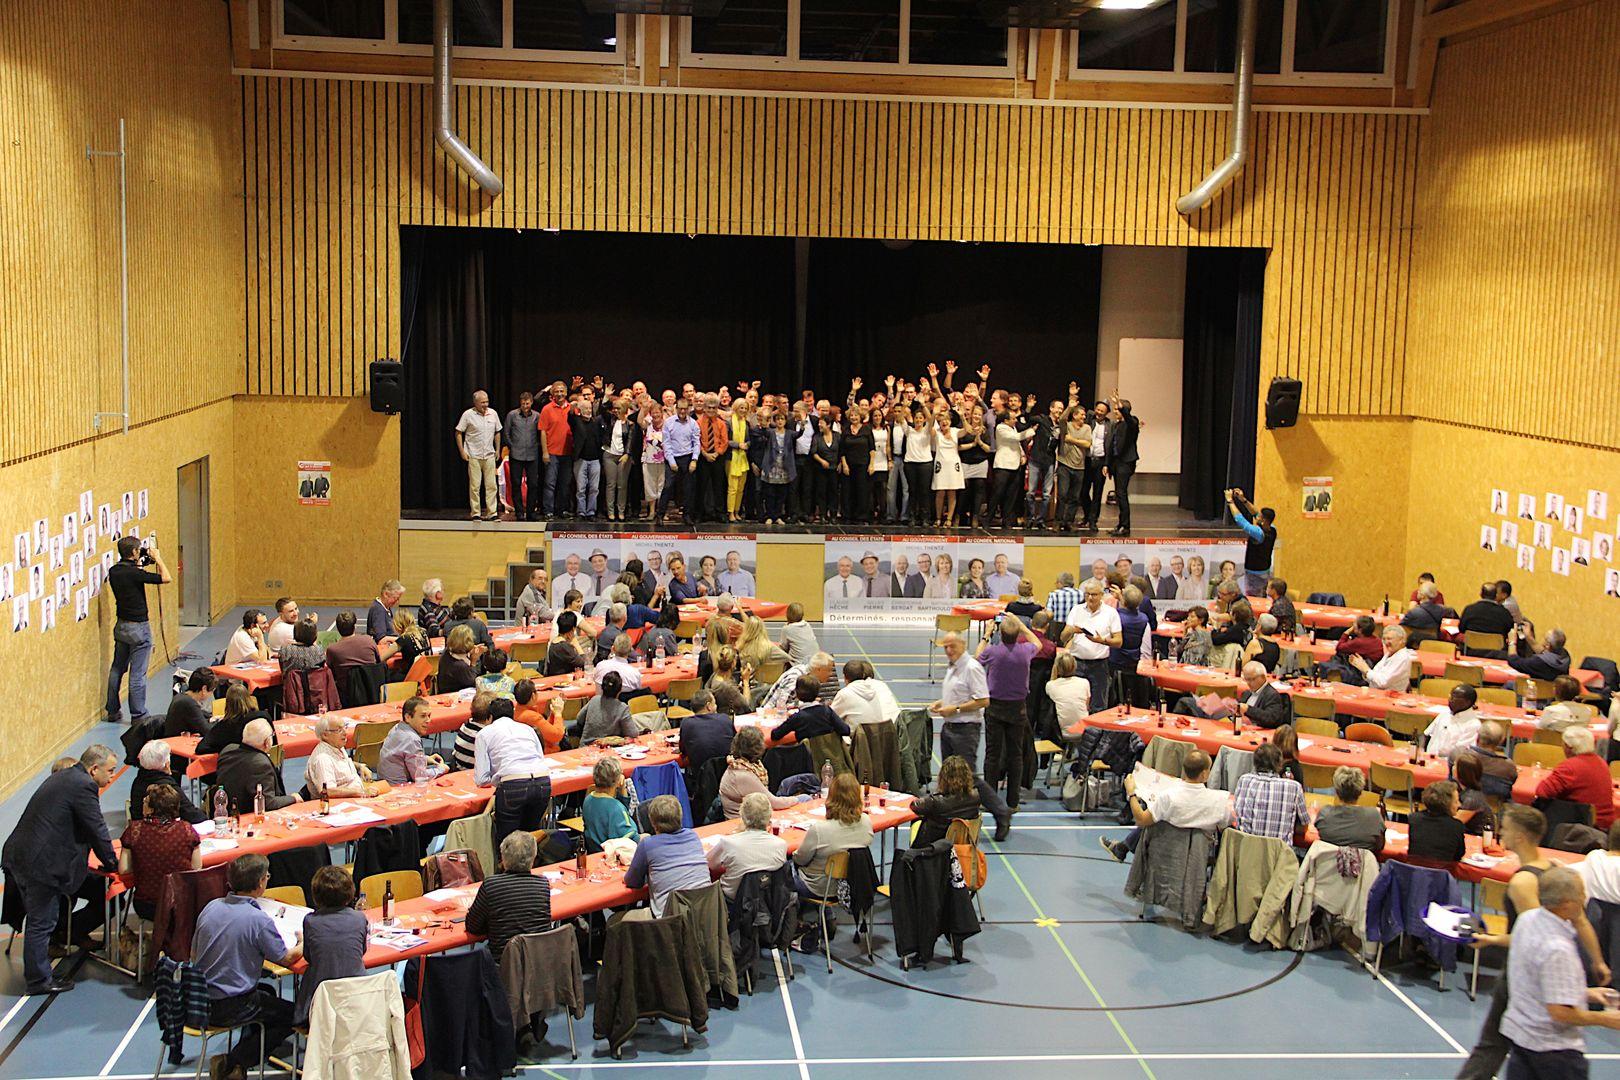 Congrès à Glovelier, avec tous les candidats, vendredi 25 septembre 2015  (© PSJ)